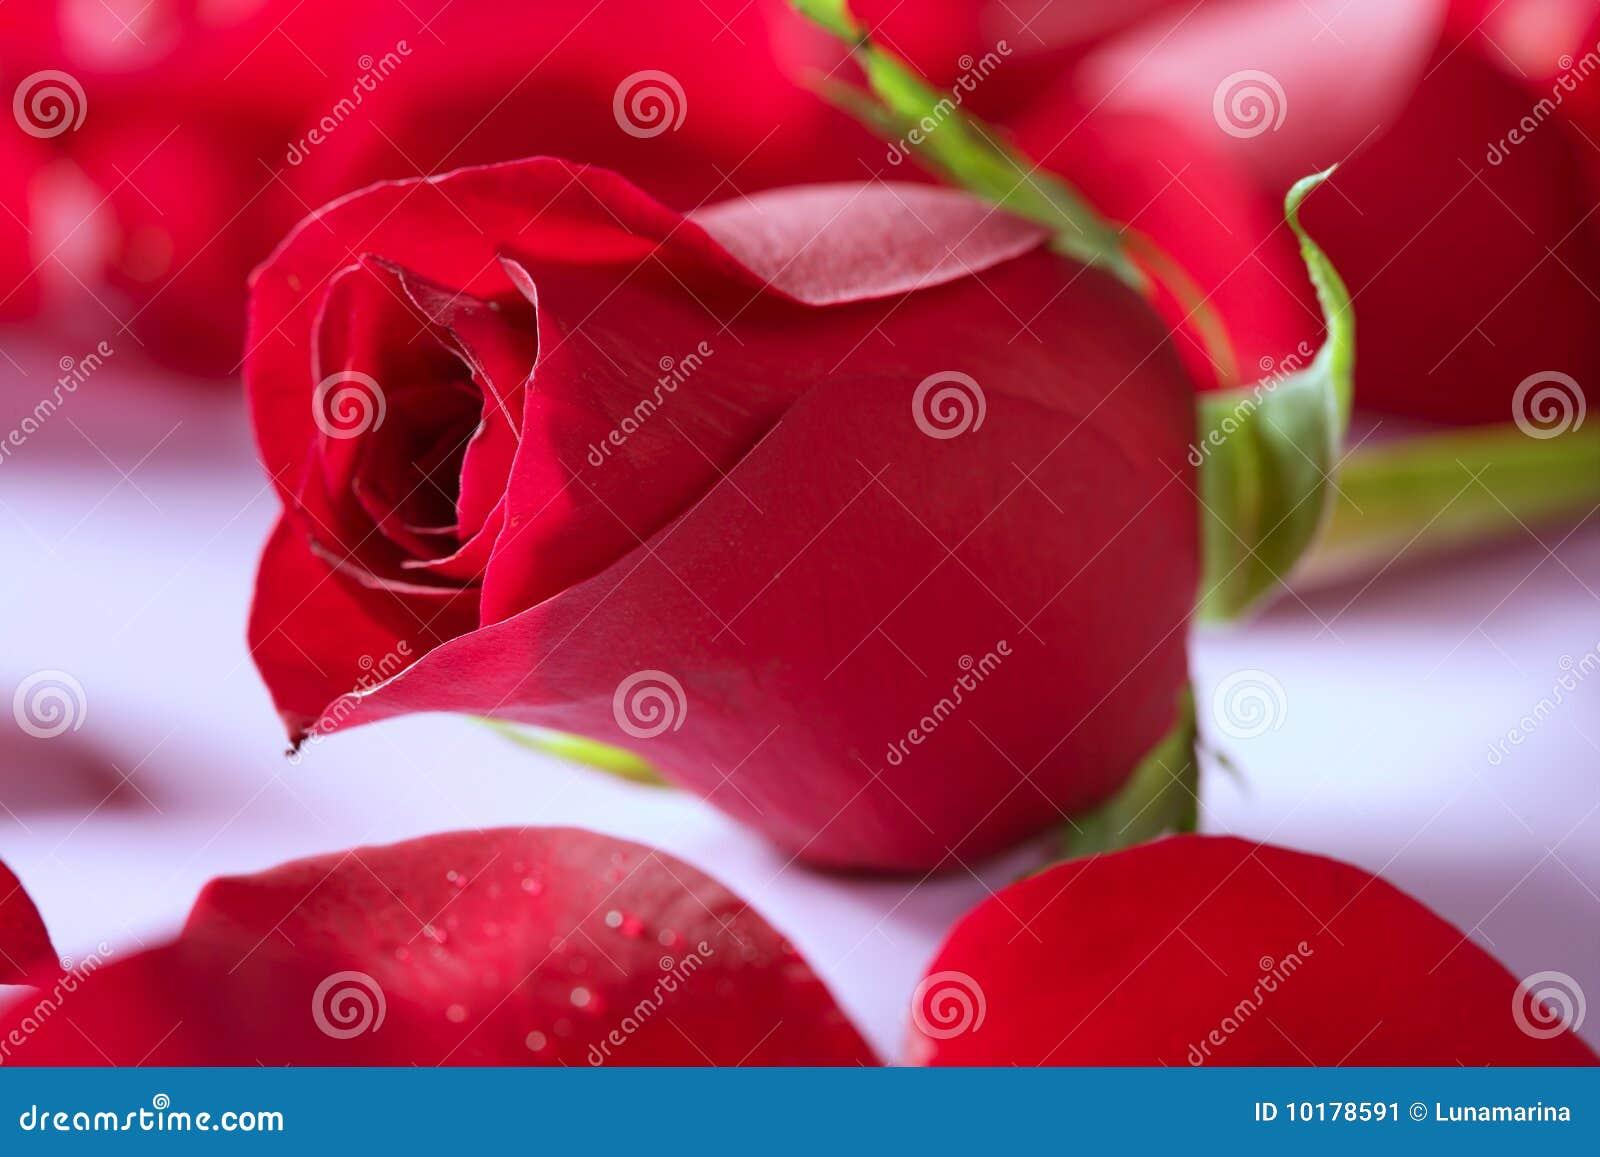 La belle fleur au dessus du rouge de p tales s 39 est lev e for La belle fleur